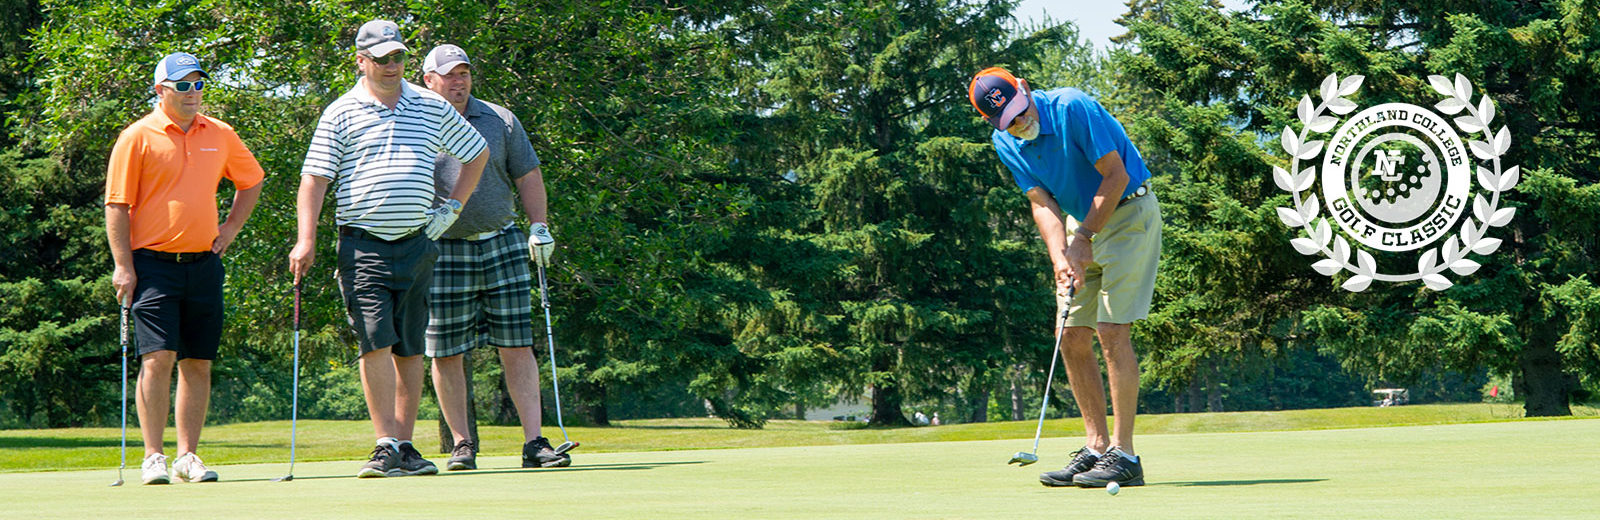 Golf Classic foursome